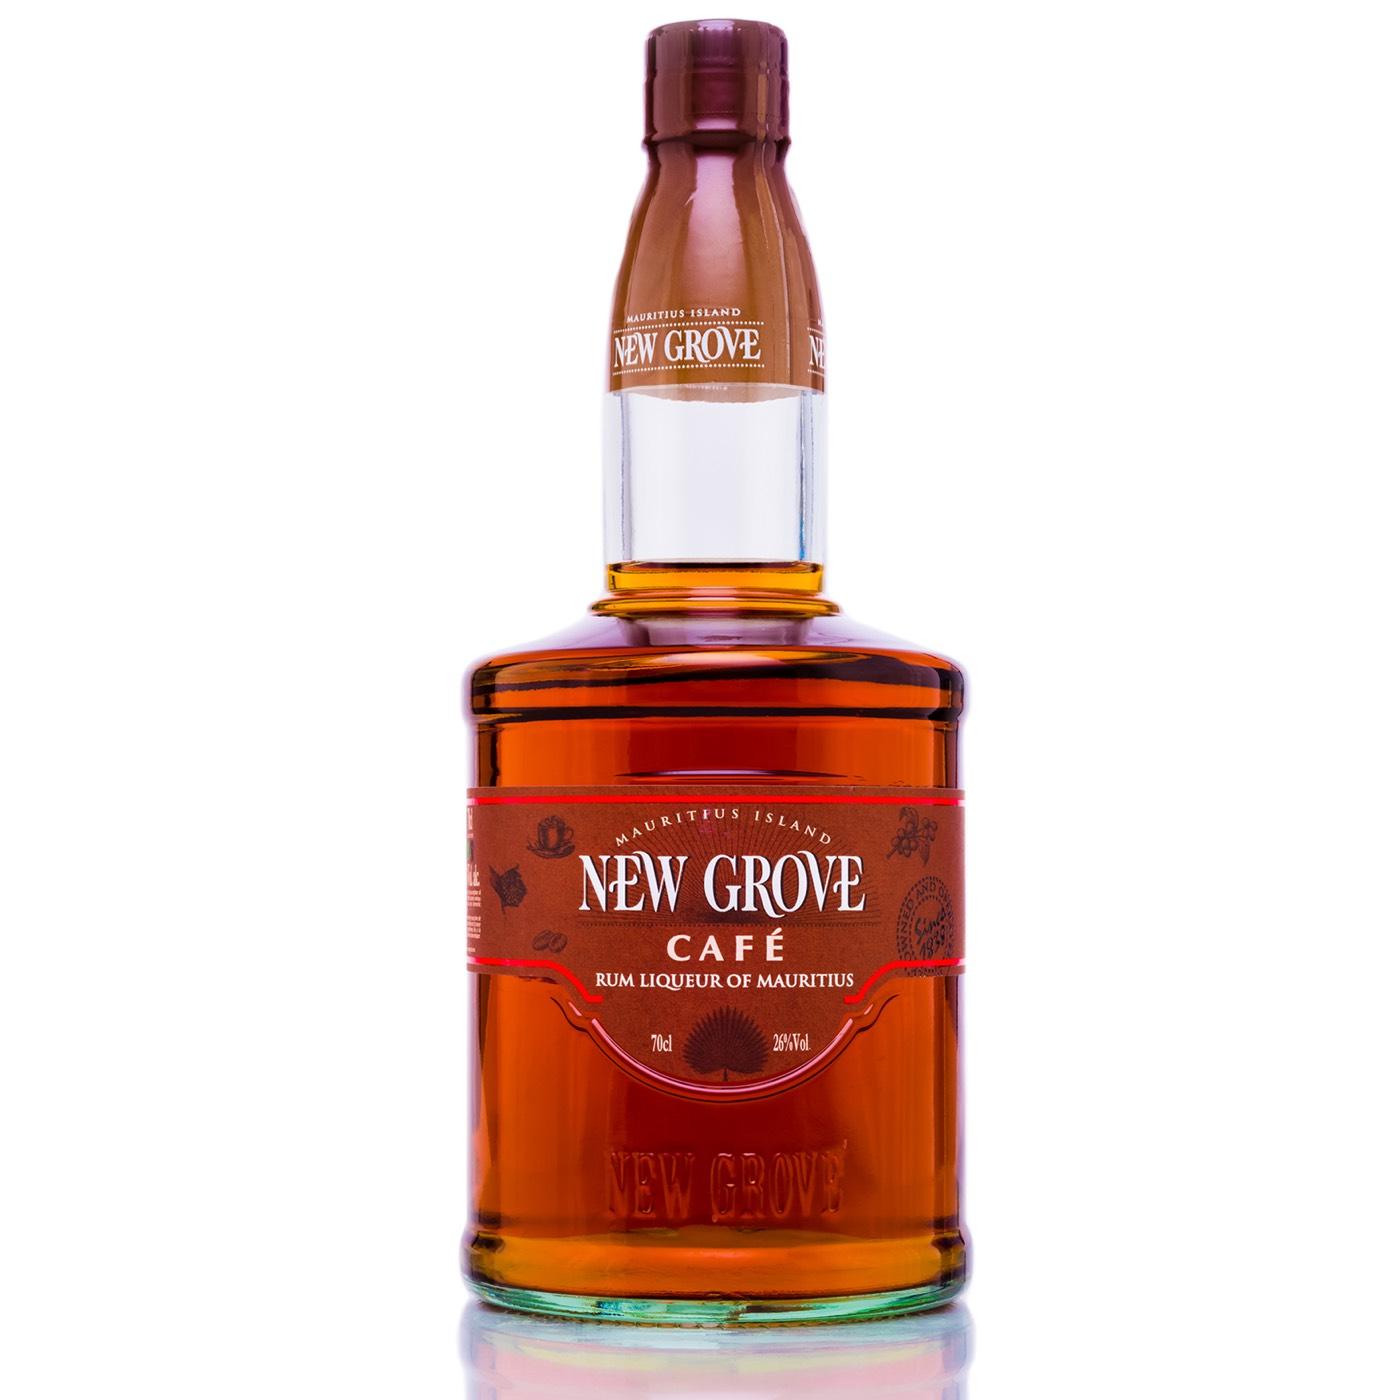 Bottle image of New Grove Café Liqueur